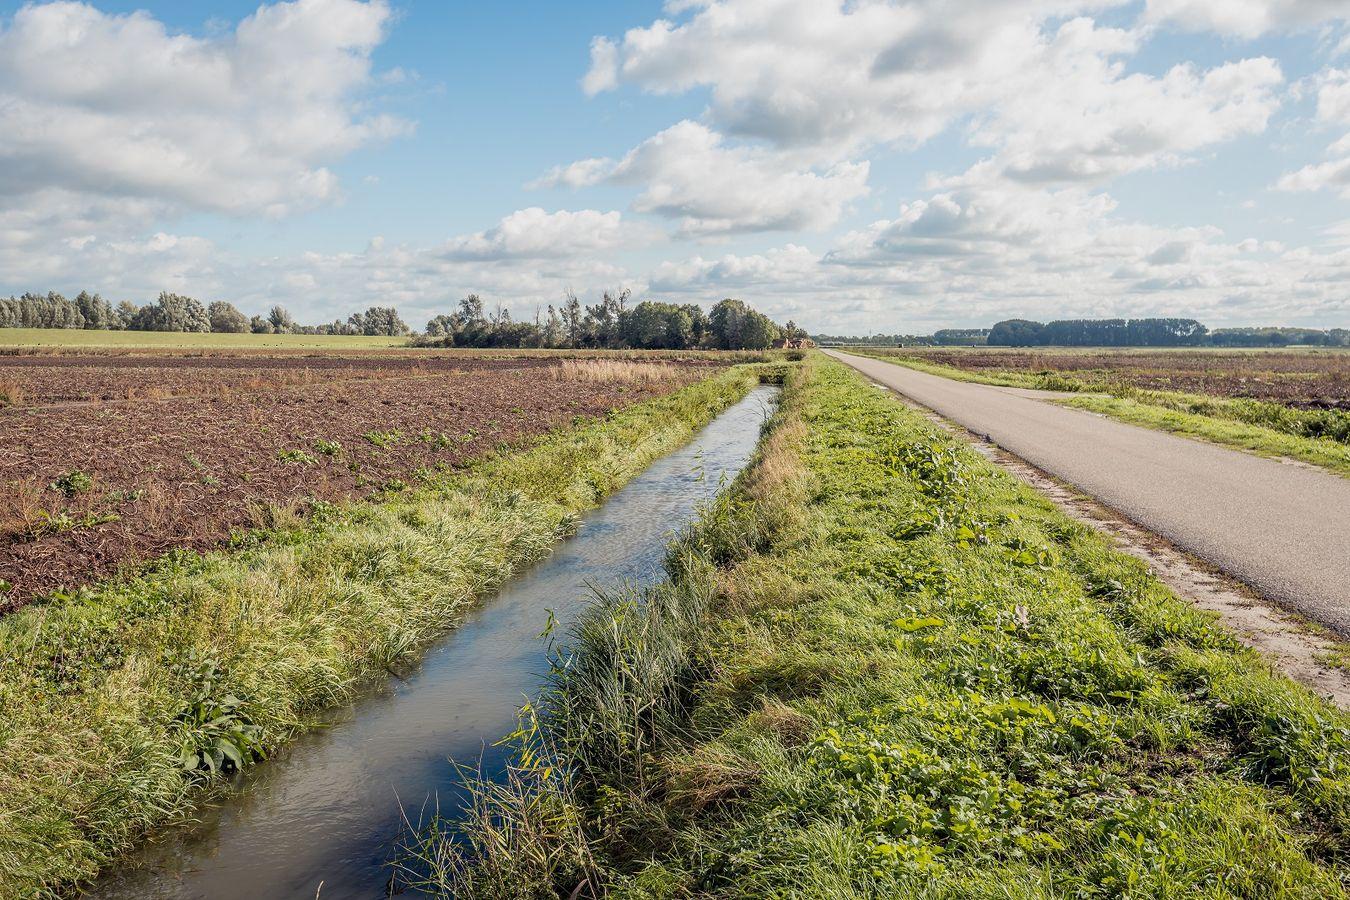 #ANB2020 - V15. Bords de champs - Appui au développement et à la restauration des bordures via un plan de gestion territoriale